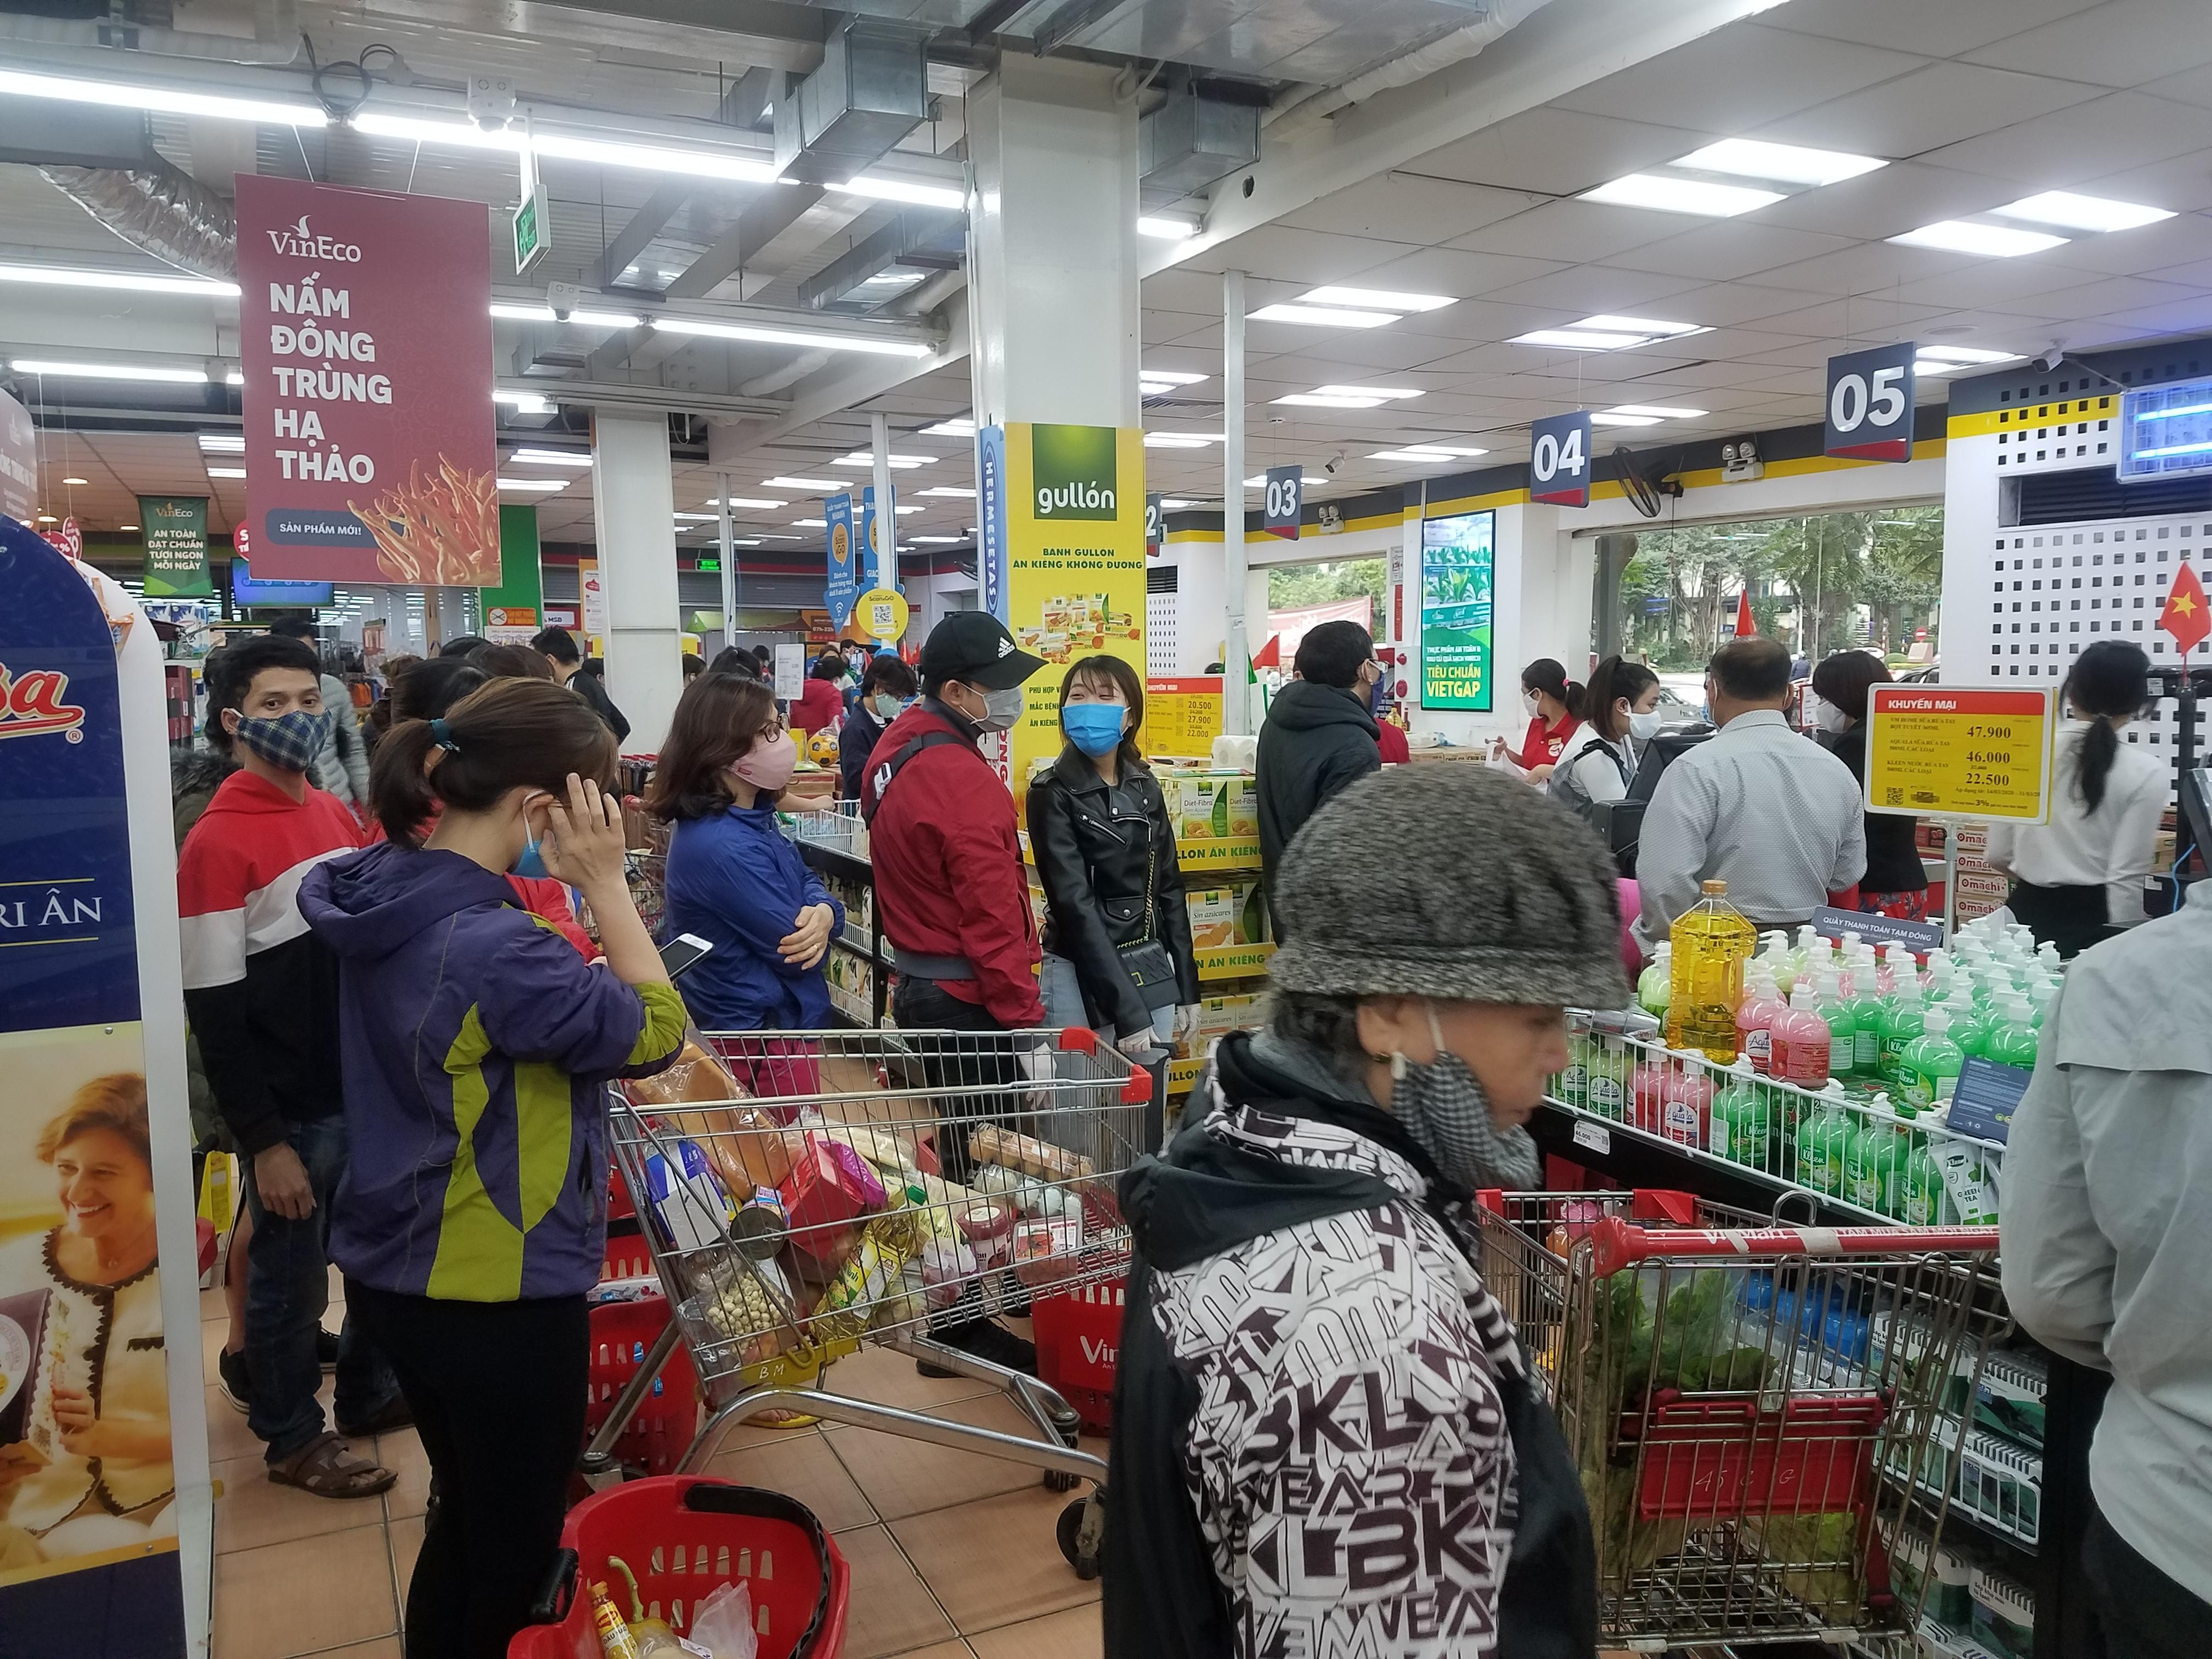 Tổng mức bán lẻ hàng hóa, dịch vụ tiêu dùng 6 tháng giảm 0,8% so với cùng kì năm ngoái - Ảnh 1.